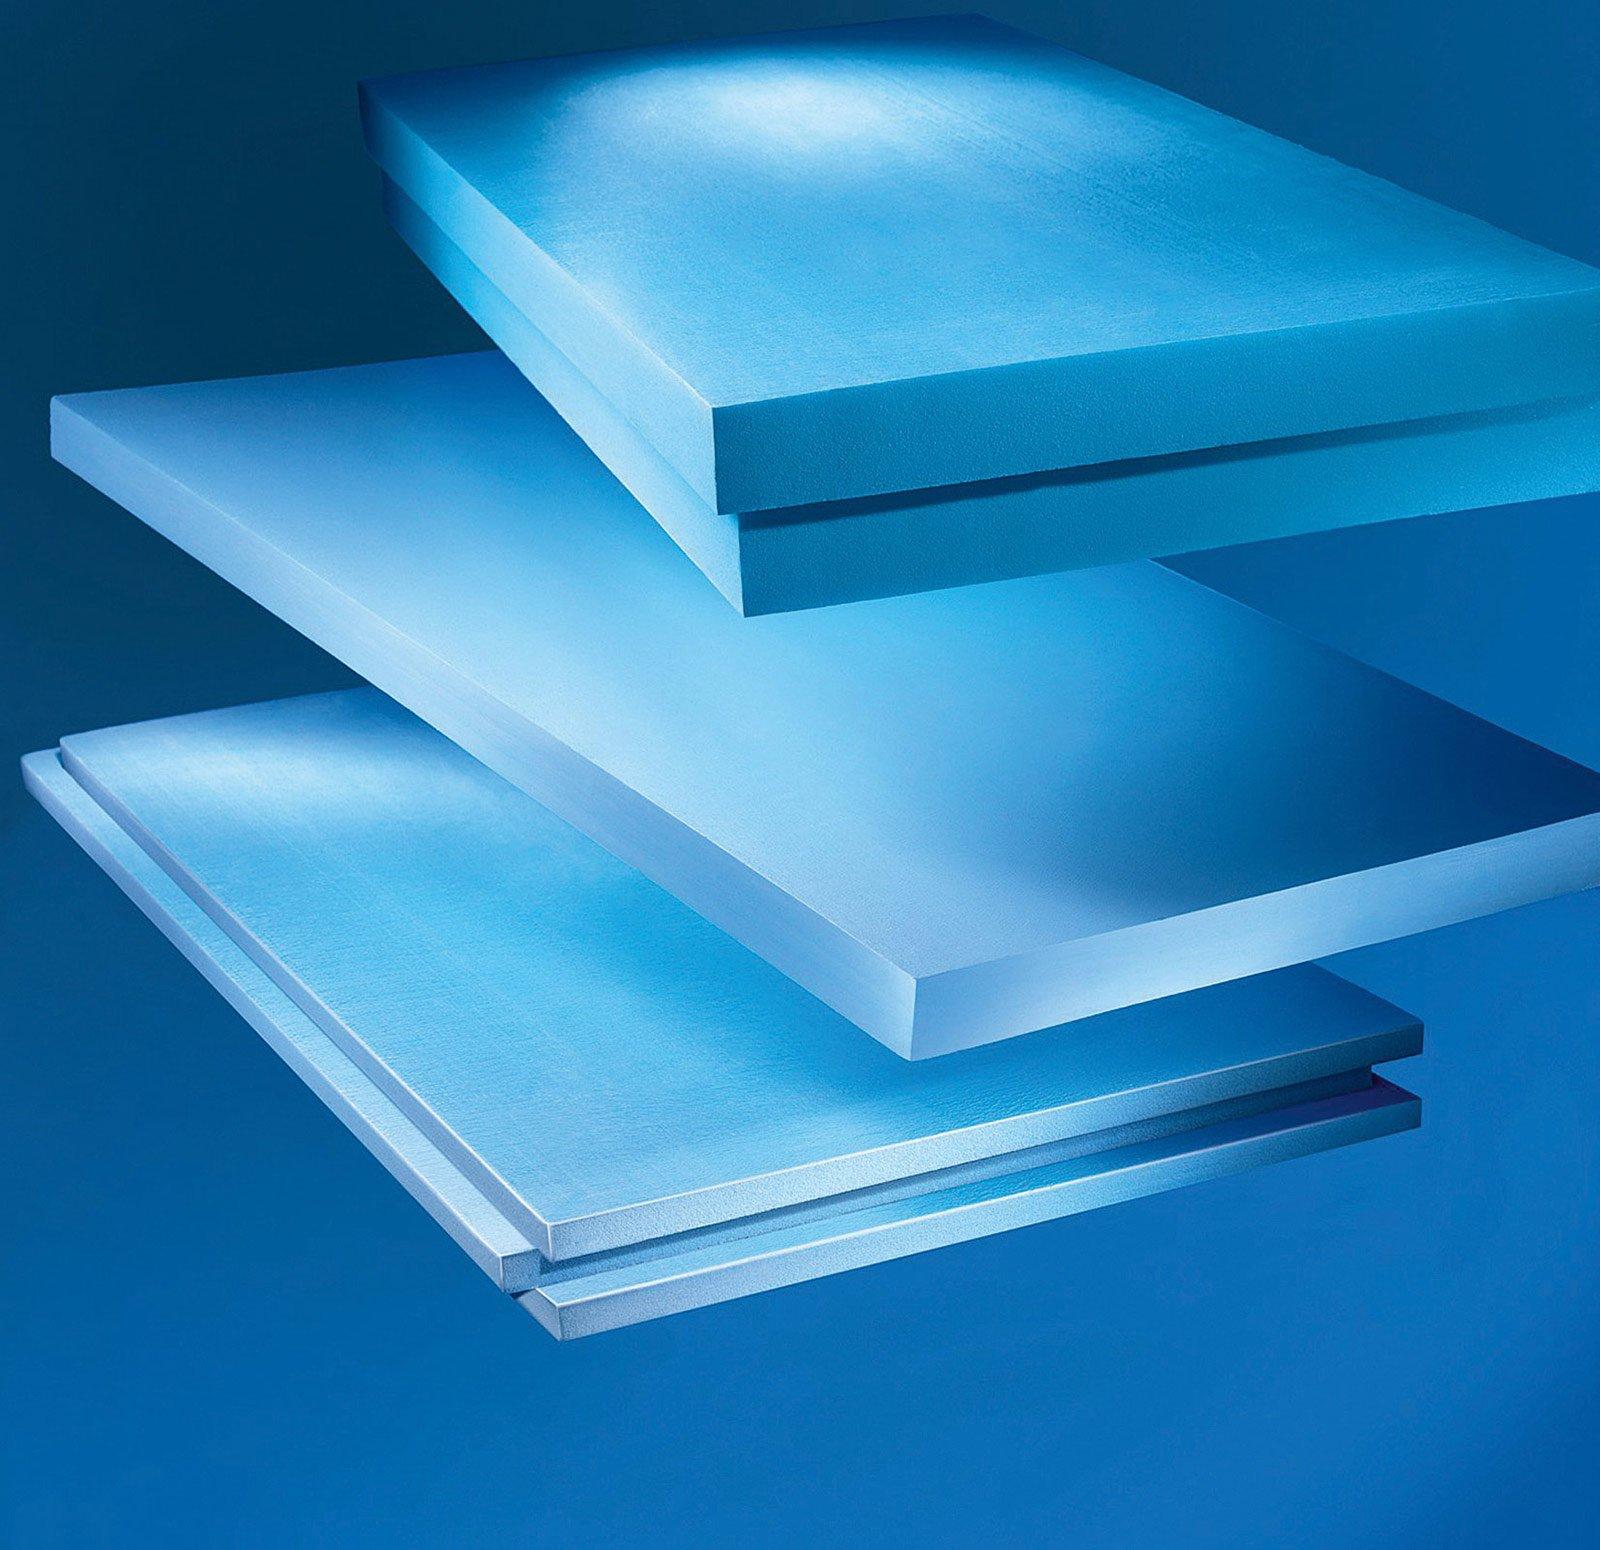 I migliori isolanti termici per tetti pareti e solai for Miglior isolante termico per pareti interne